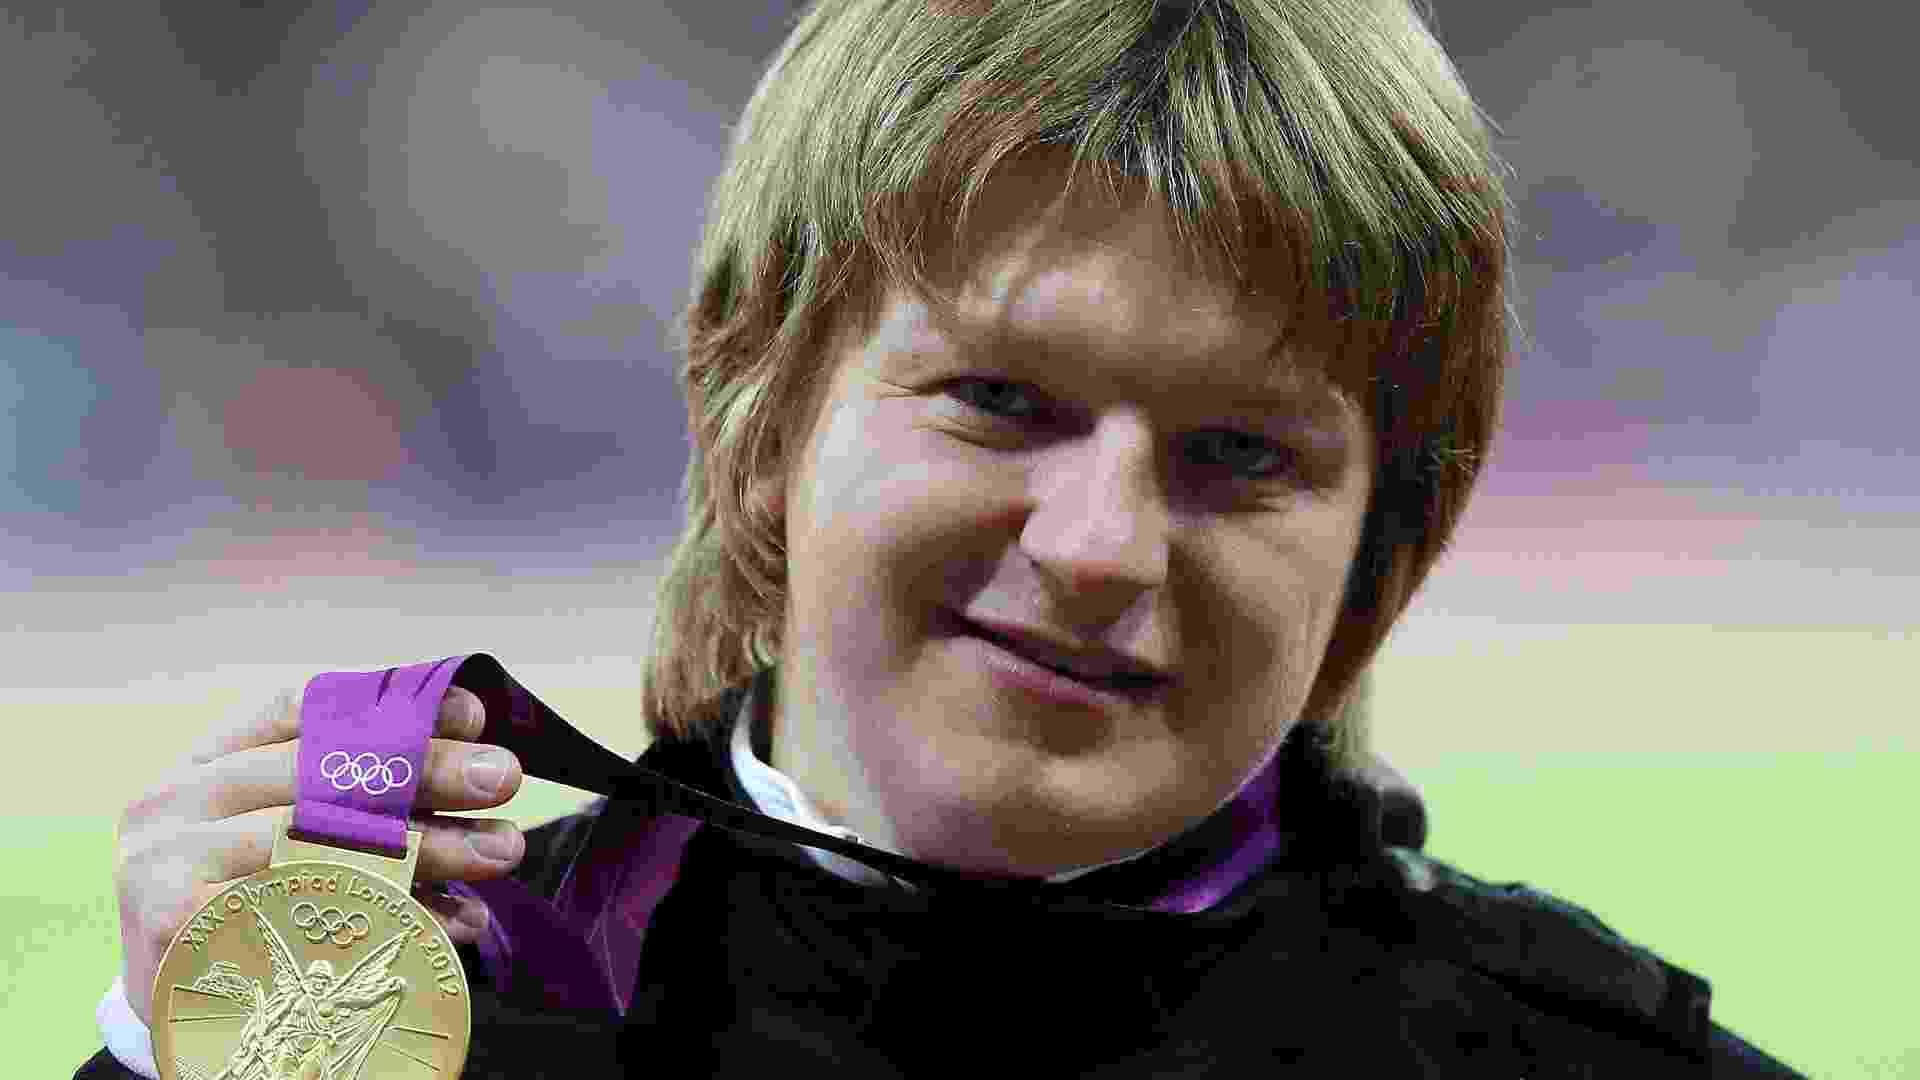 A atleta de Belarus, Nadzeya Ostapchuk, perdeu a medalha de ouro do Arremesso de Peso, conquistada em Londres-2012 após seu exame anti-doping constatar a presença do agente anabolizante metenolone - undefined